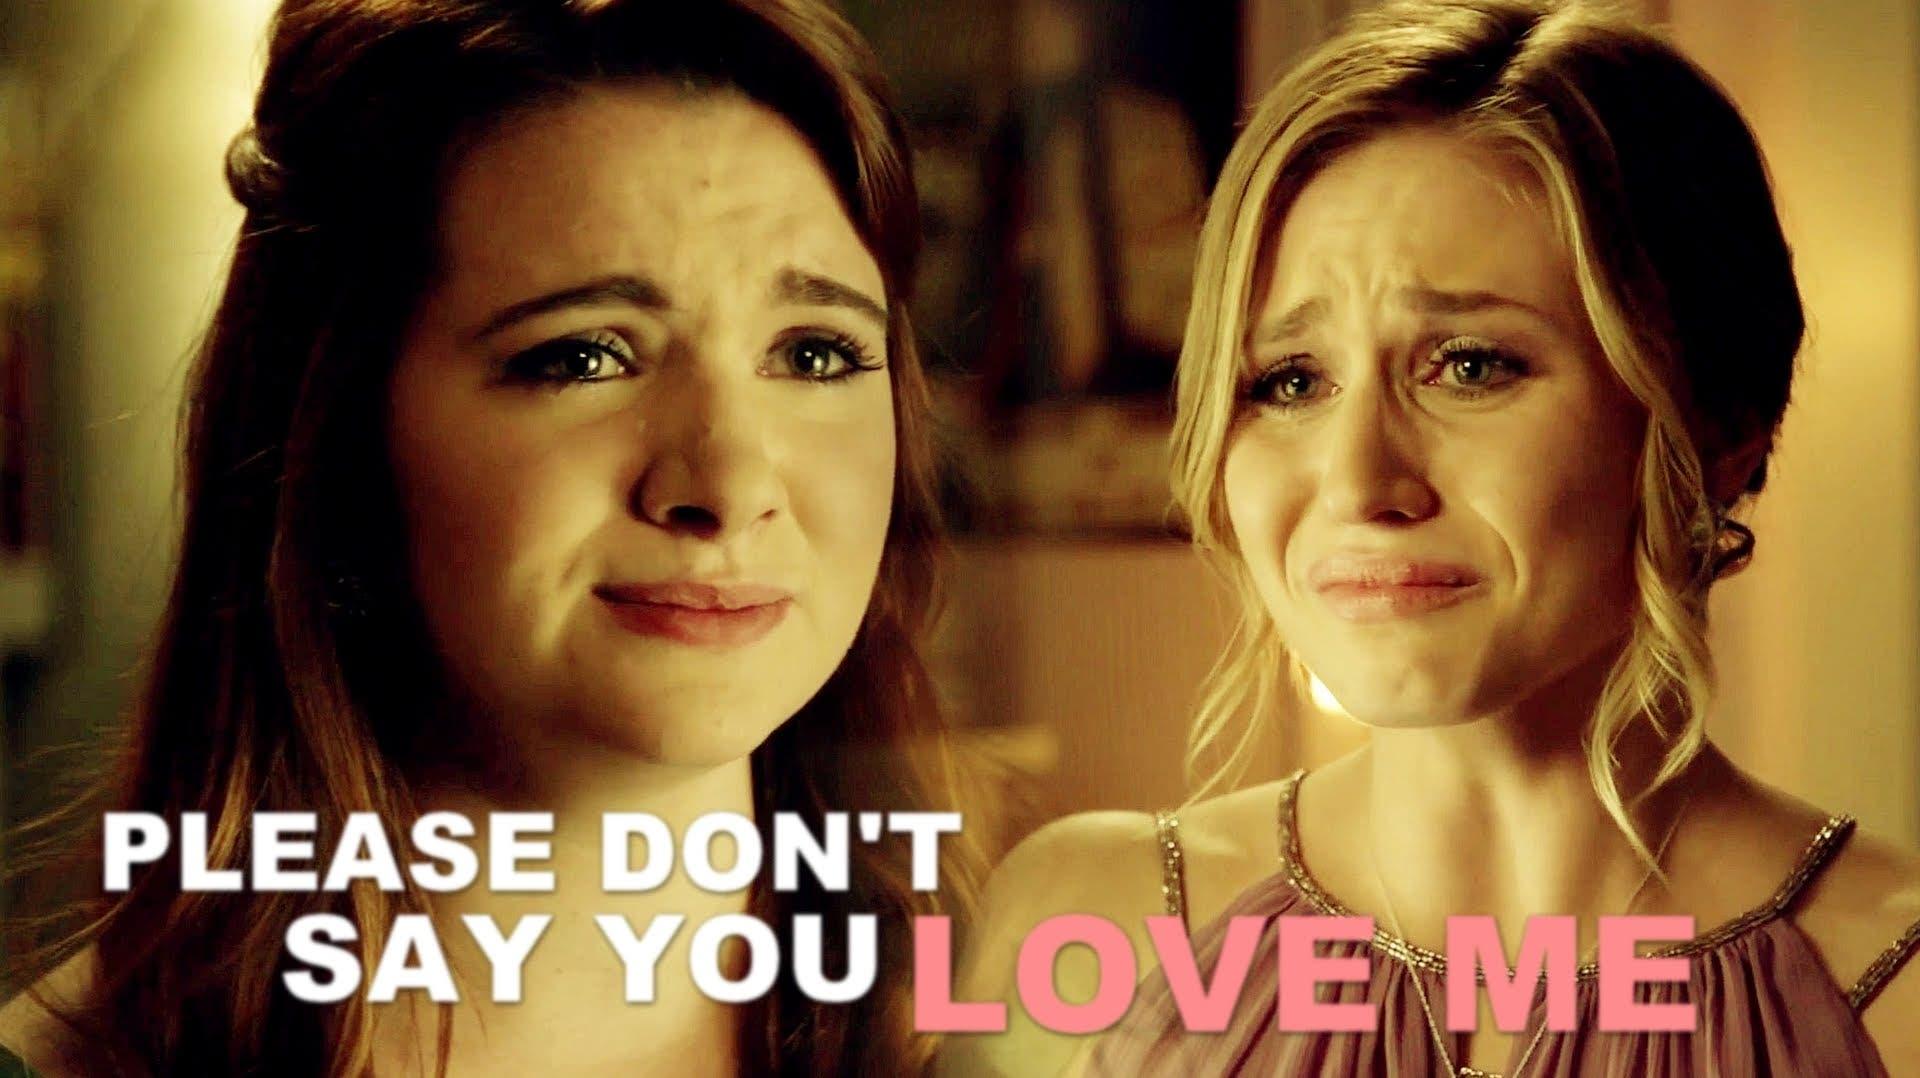 15 cosas terribles que les han pasado a lesbianas en televisión este 2015